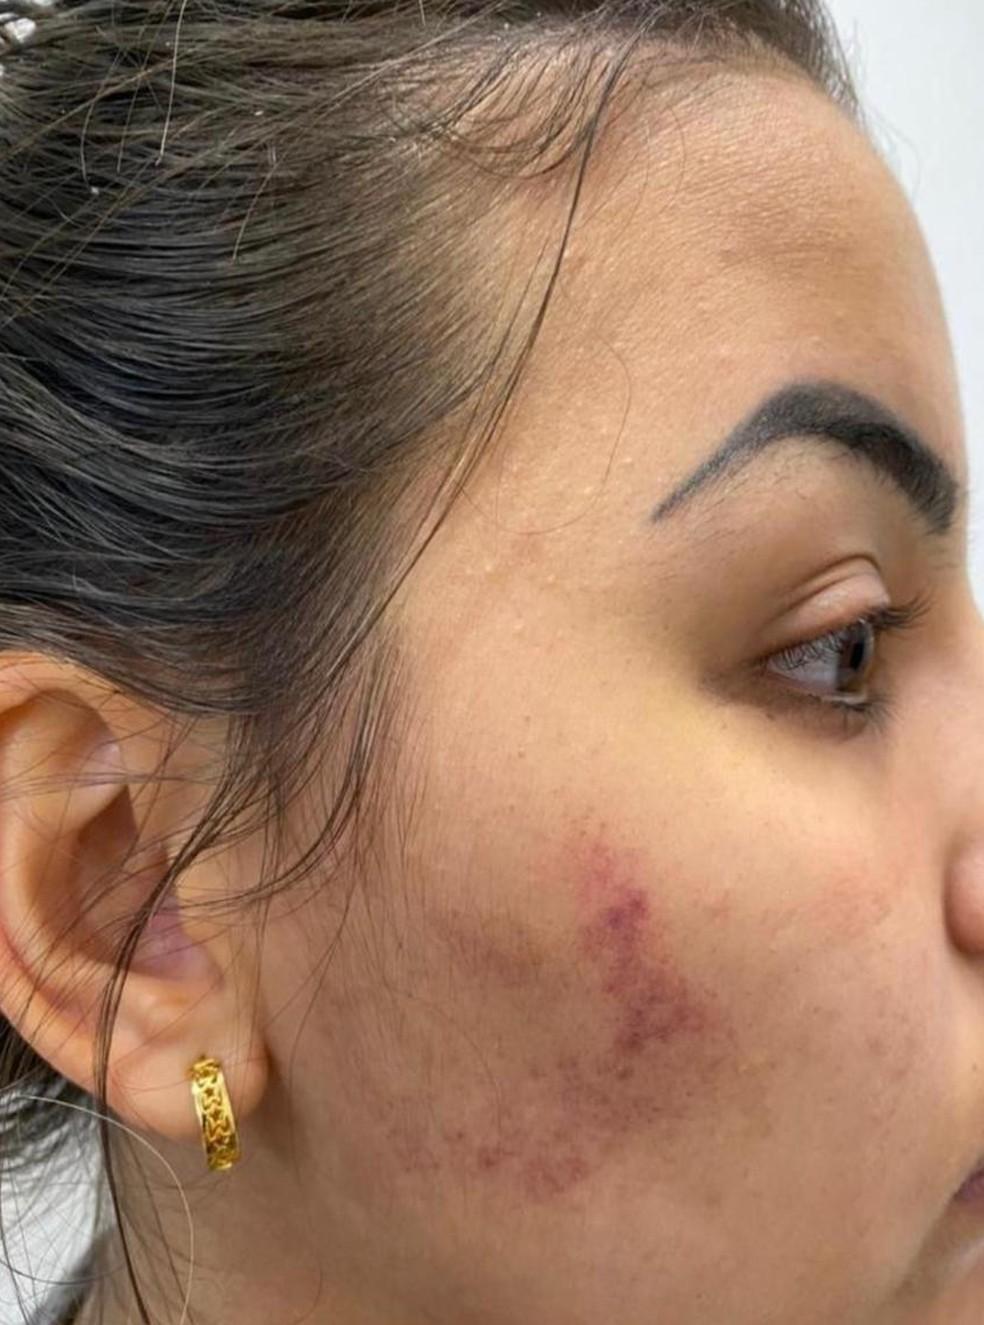 Jovem ficou com o rosto machucado após agressão — Foto: Arquivo Pessoal